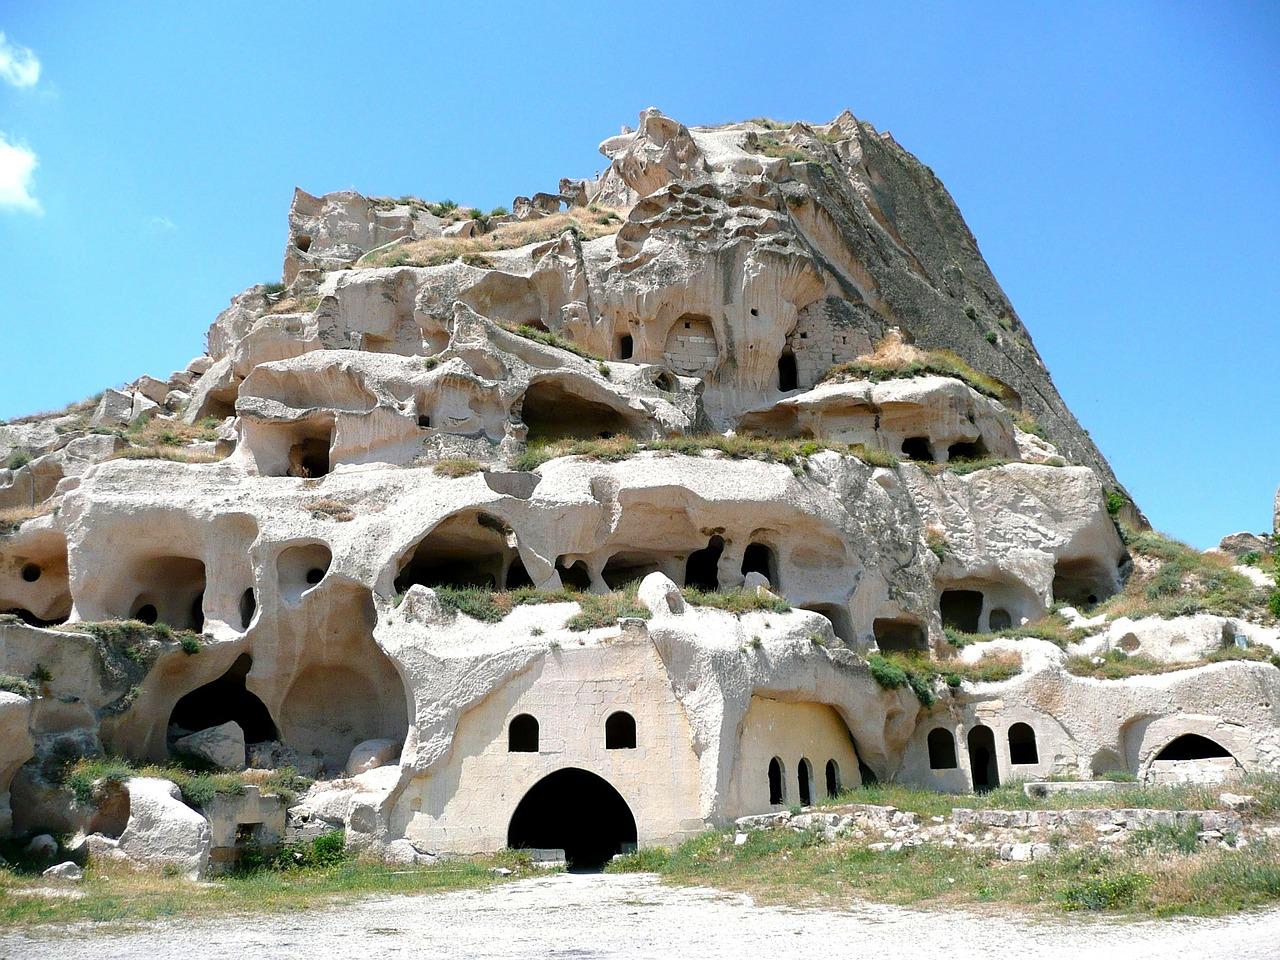 Kappadokien - Destination Türkei mehr als nur ein Badeparadies